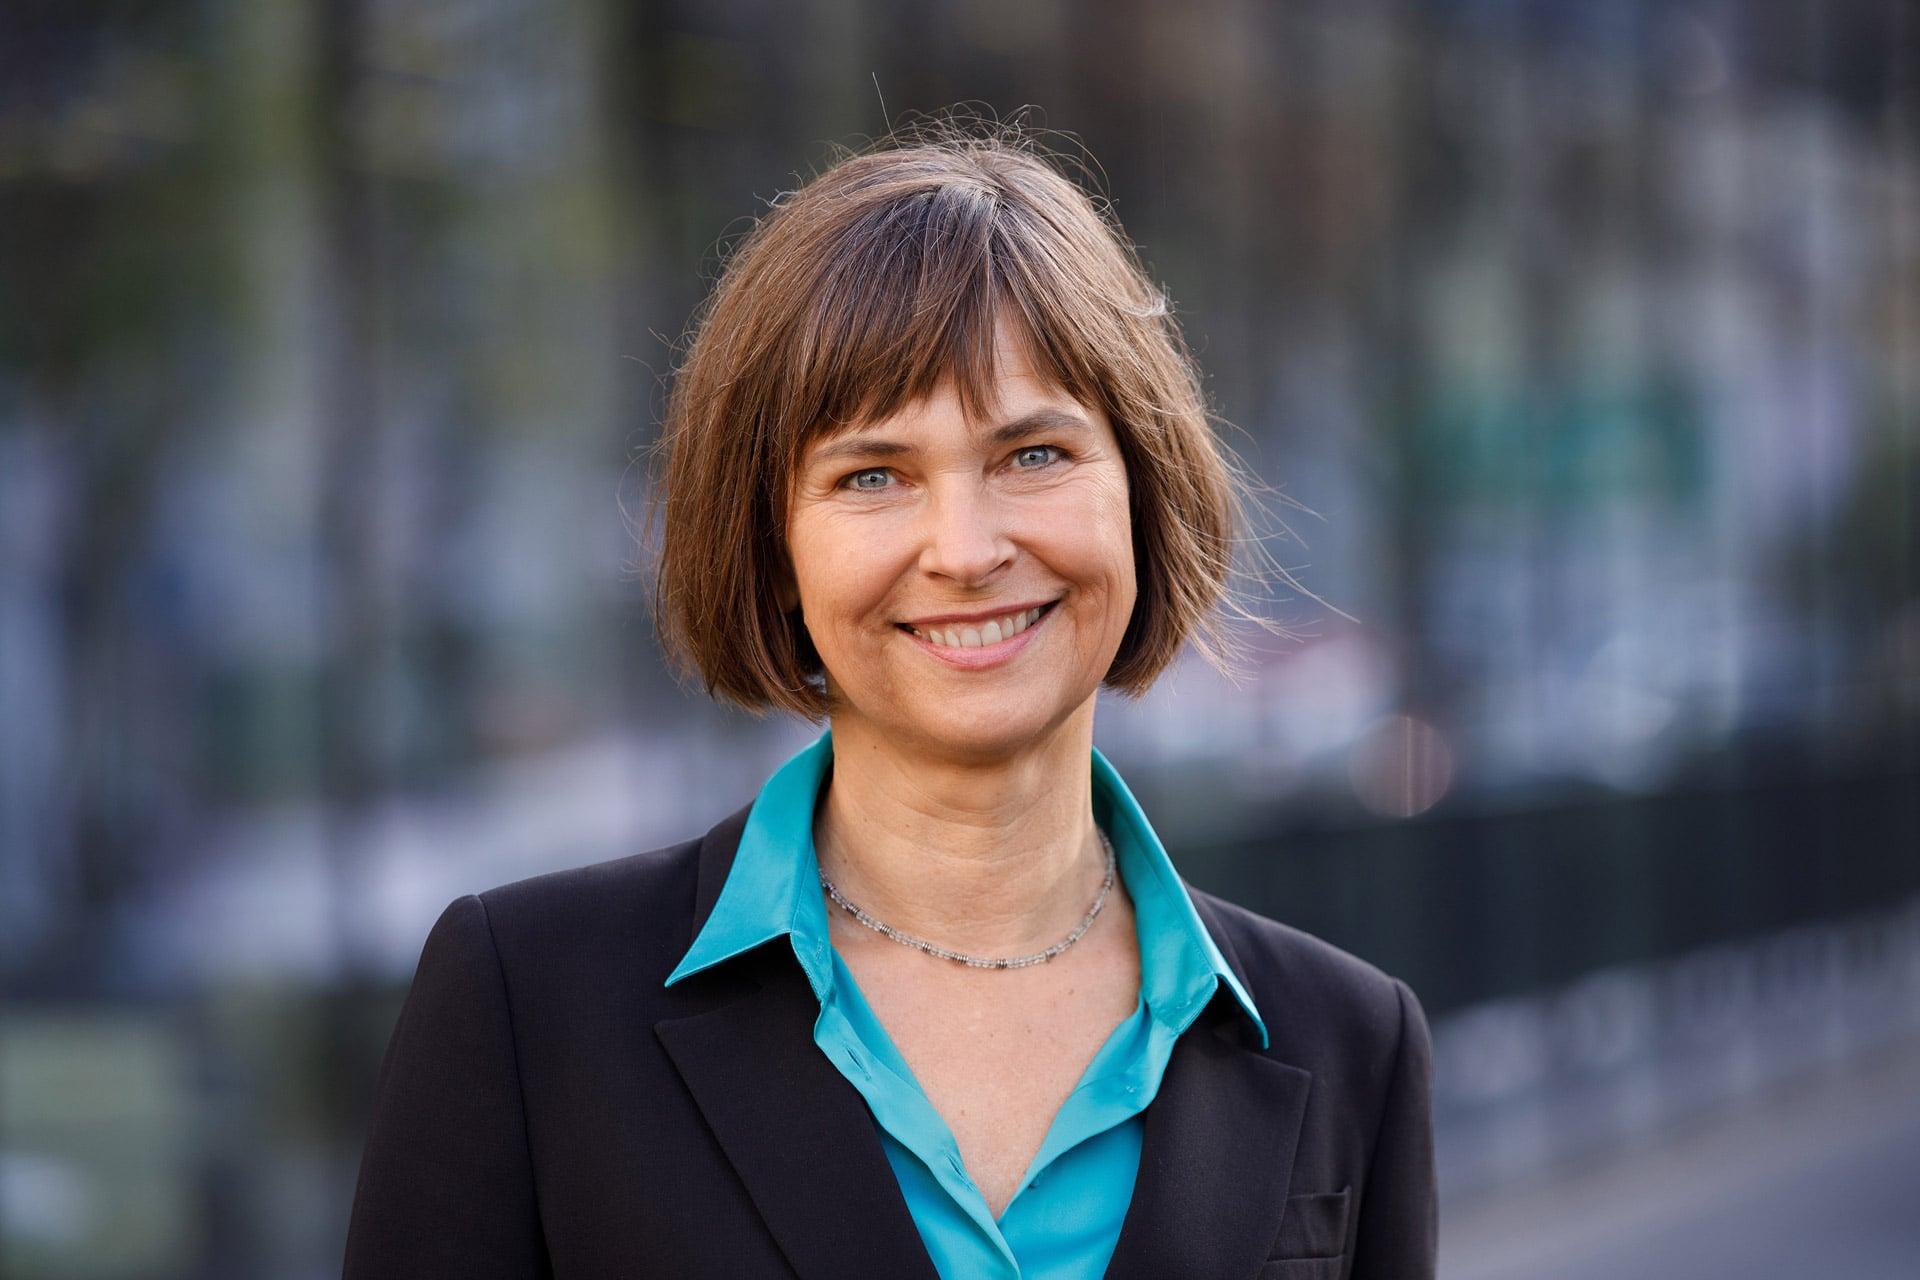 Annette-Hillebrandt-urban-mining-index